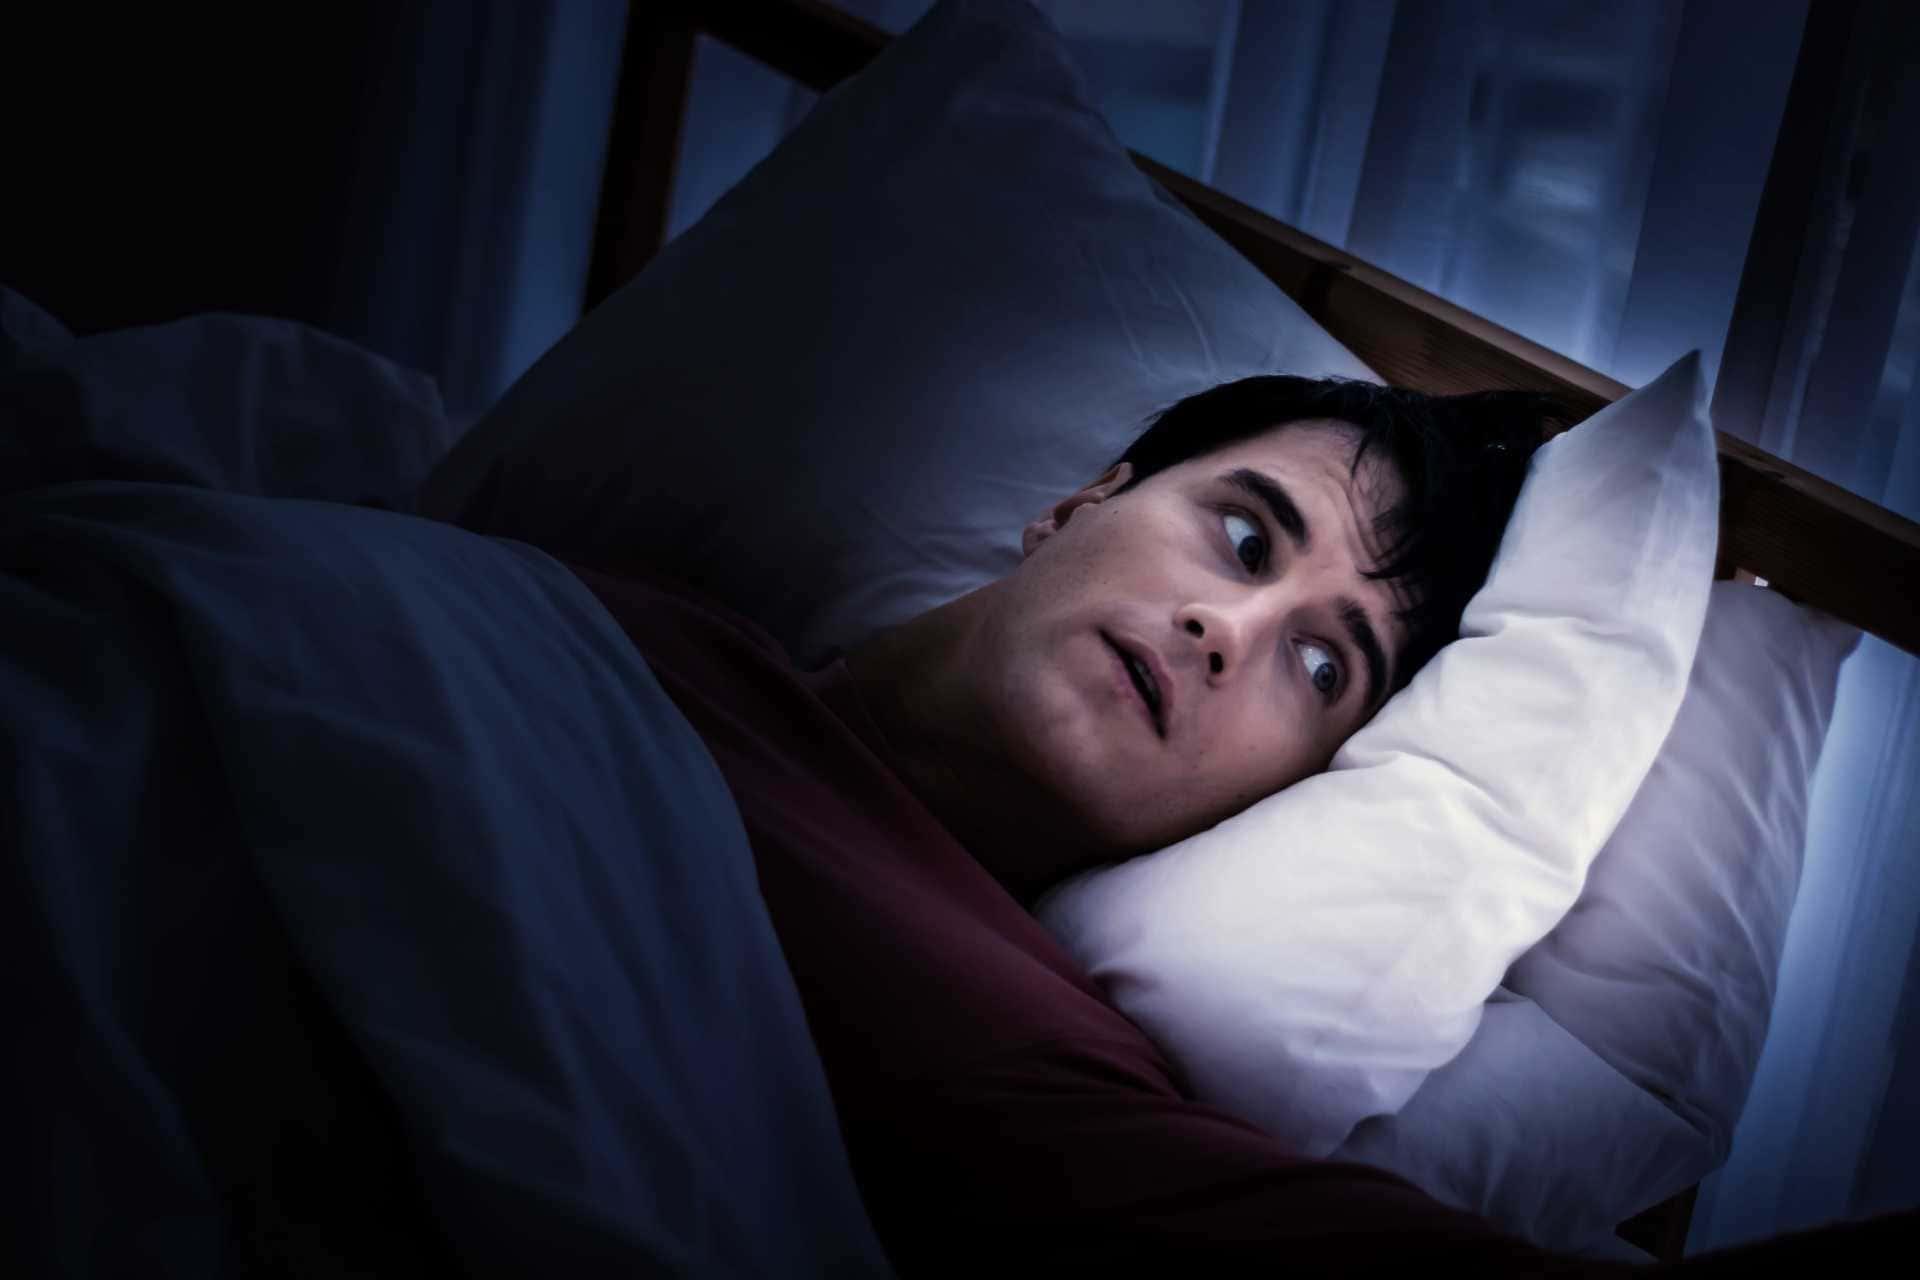 Здаровы сон. Калі не высыпаешся.